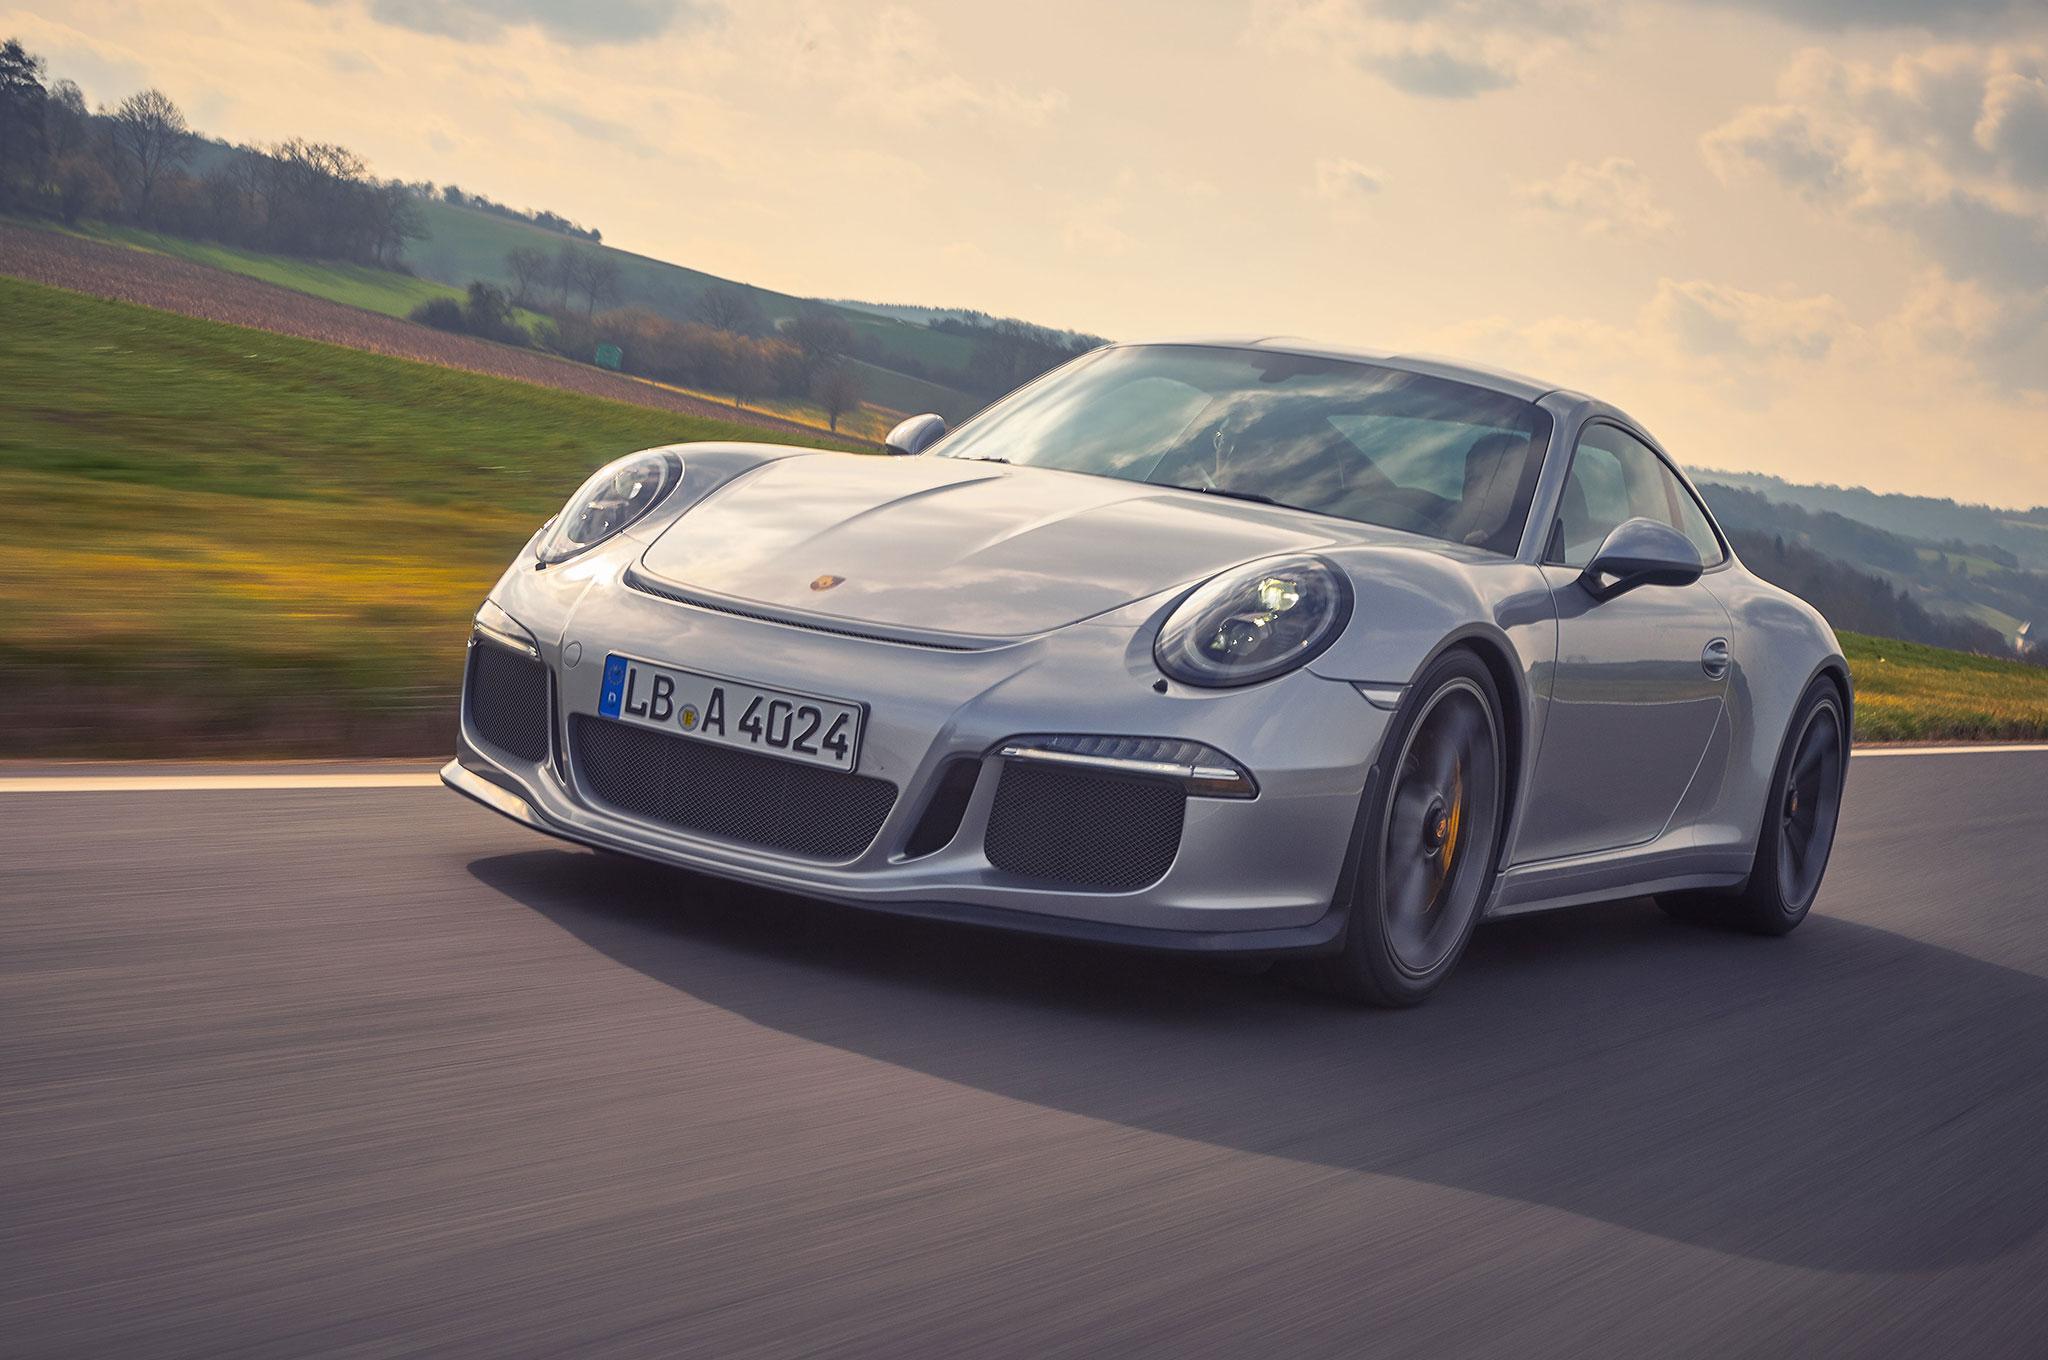 Pleasing 2016 Porsche 911 R Review Door Handles Collection Olytizonderlifede